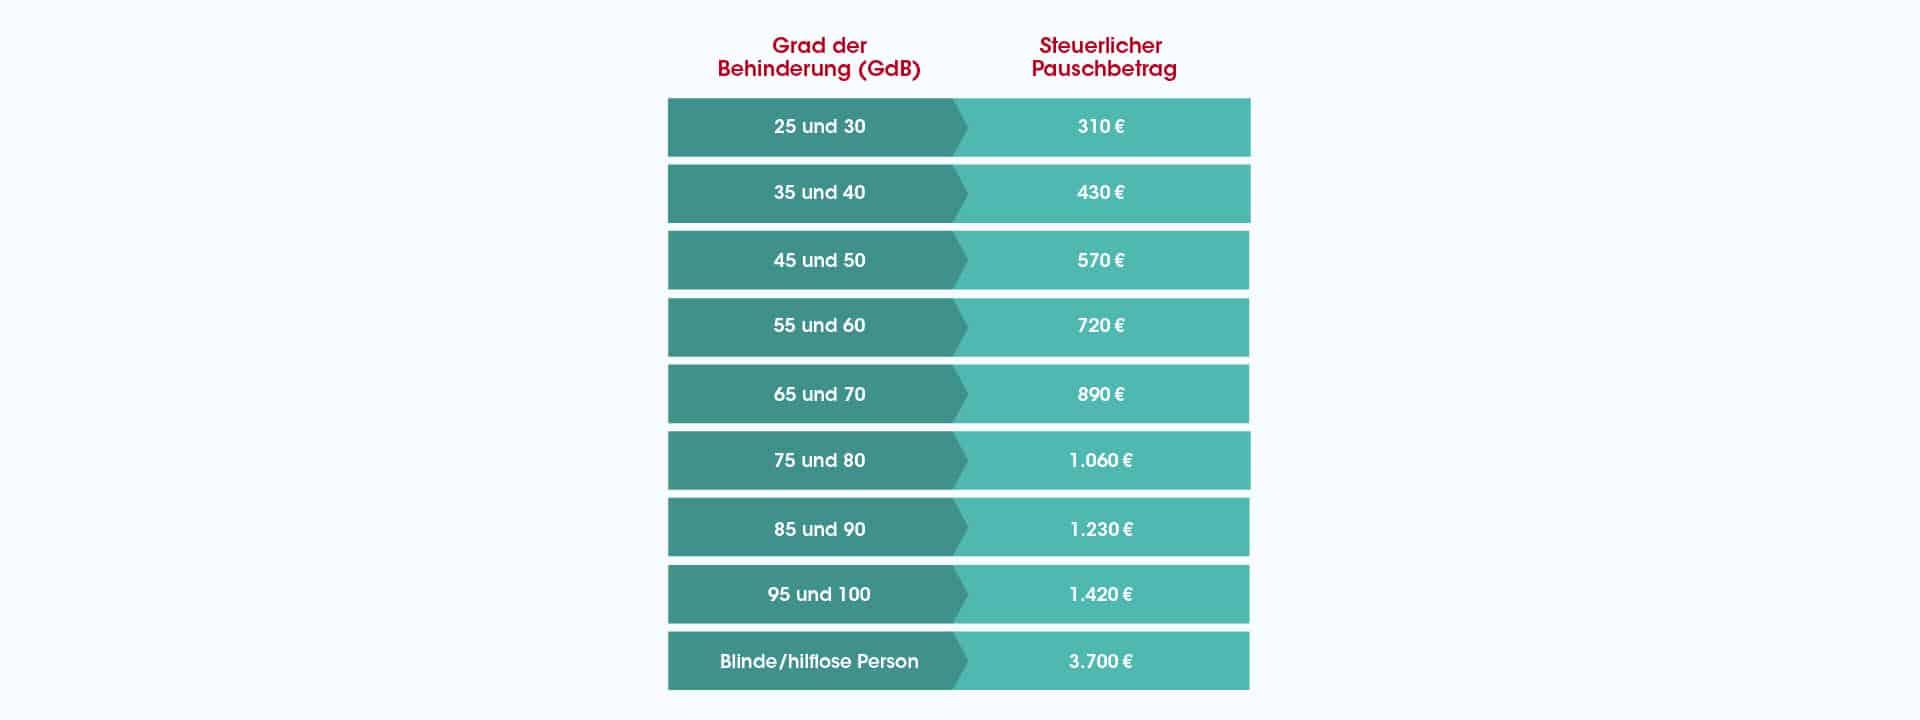 Tabelle zum steuerlichen Pauschbetrag beim Grad der Behinderung GdB